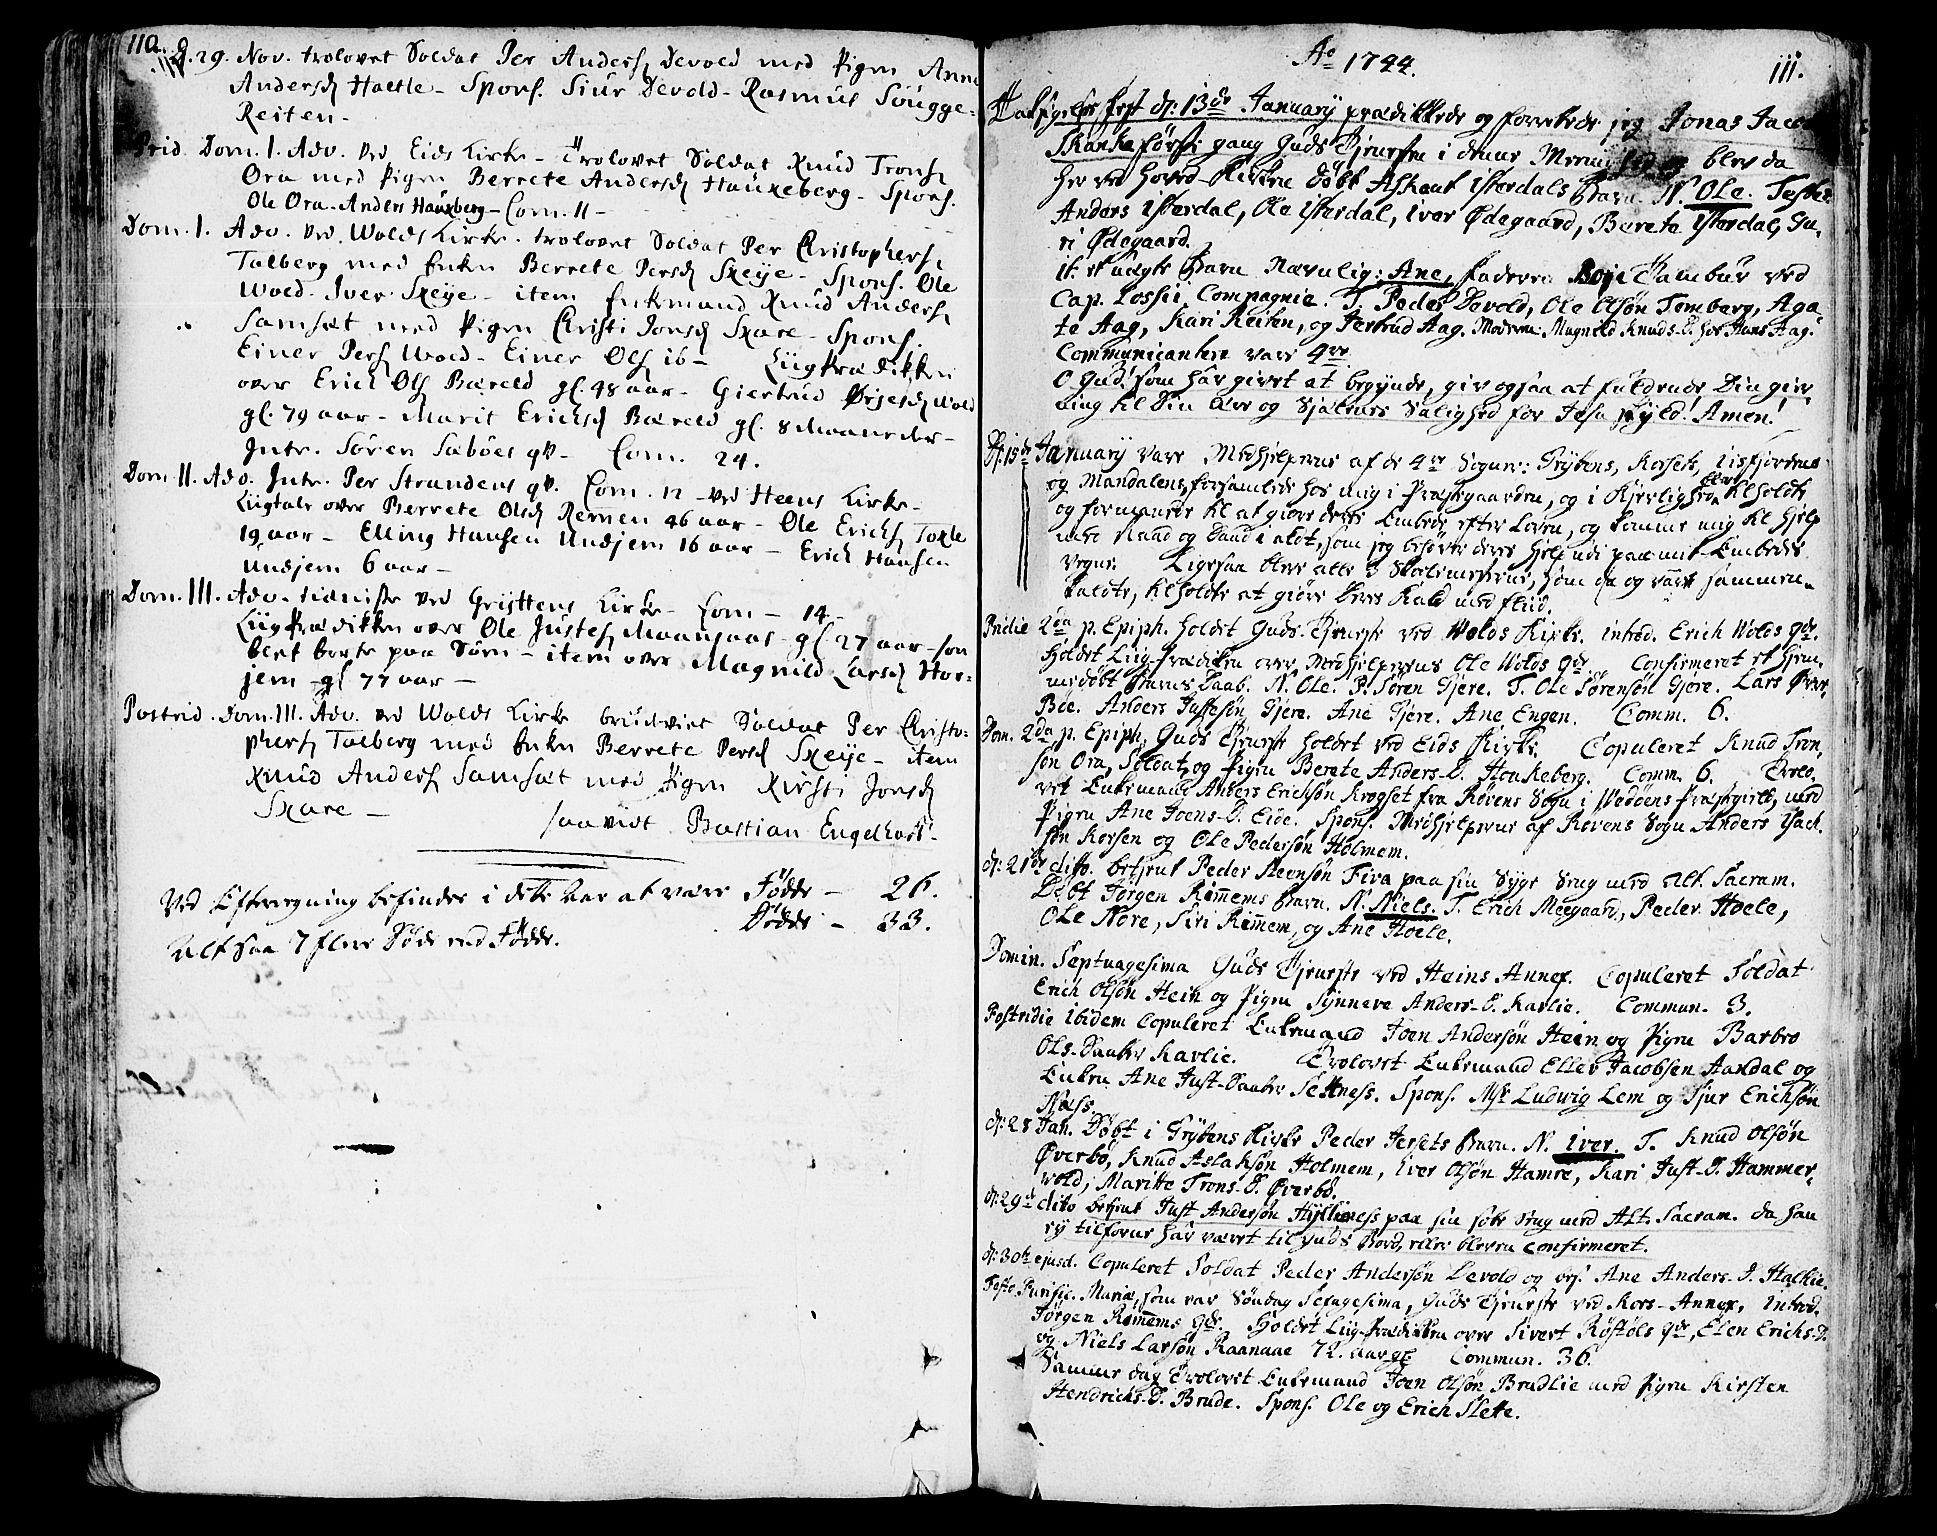 SAT, Ministerialprotokoller, klokkerbøker og fødselsregistre - Møre og Romsdal, 544/L0568: Ministerialbok nr. 544A01, 1725-1763, s. 110-111